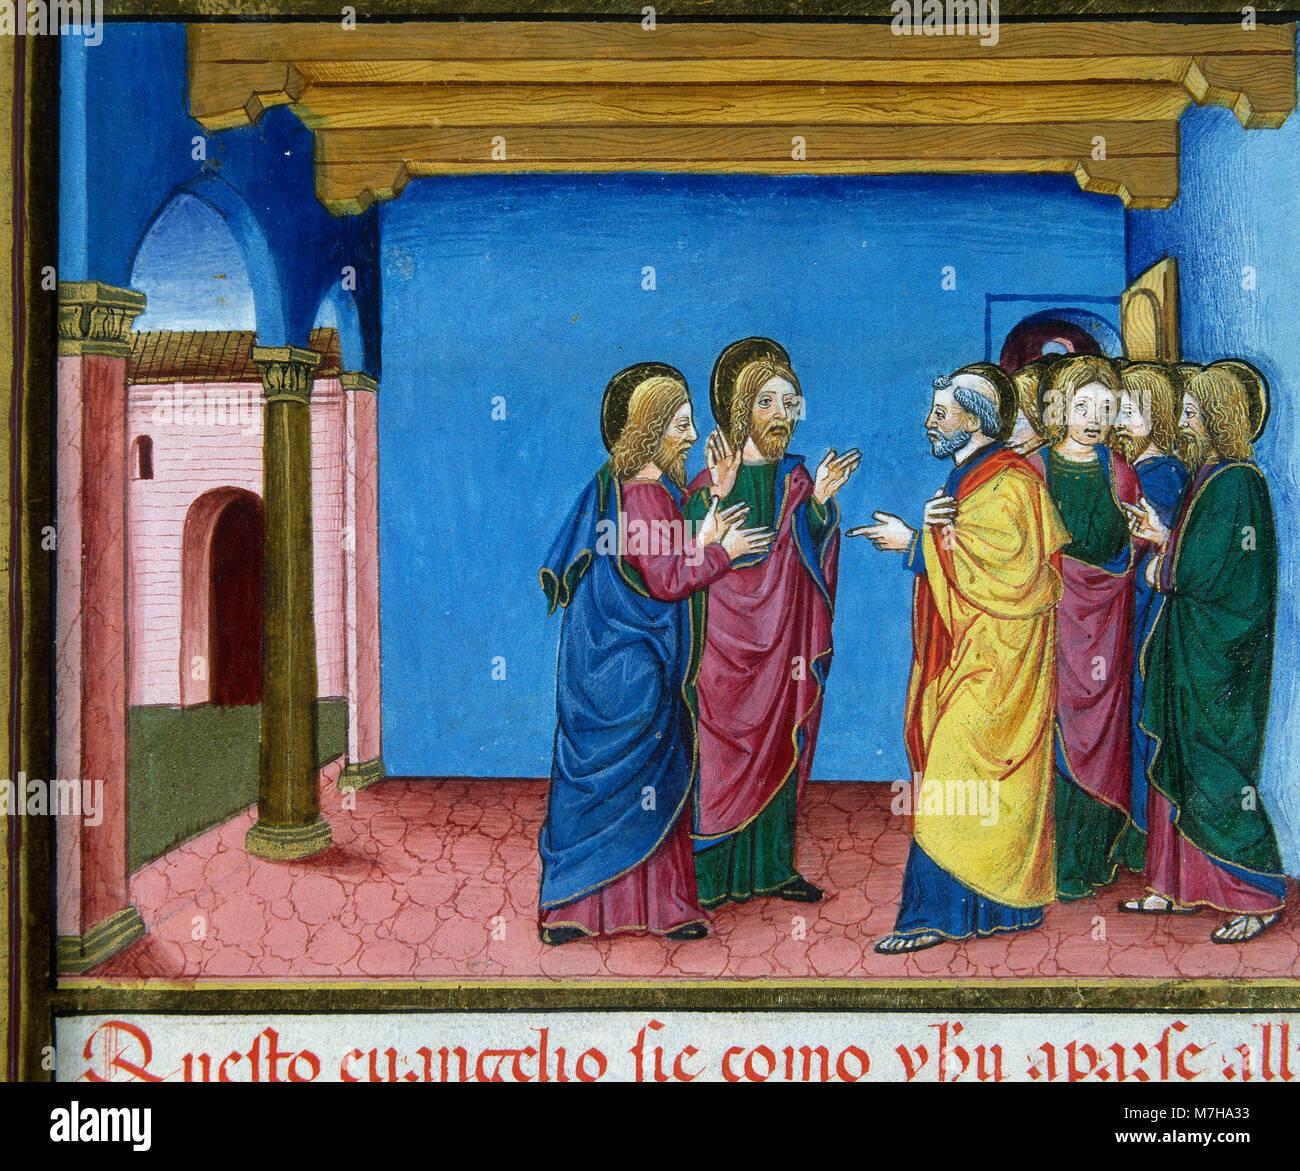 Los discípulos van a Jerusalén, por orden de Jesús, digan qué ocurridas. De Predis Codex, 1476. Biblioteca Real. Foto de stock